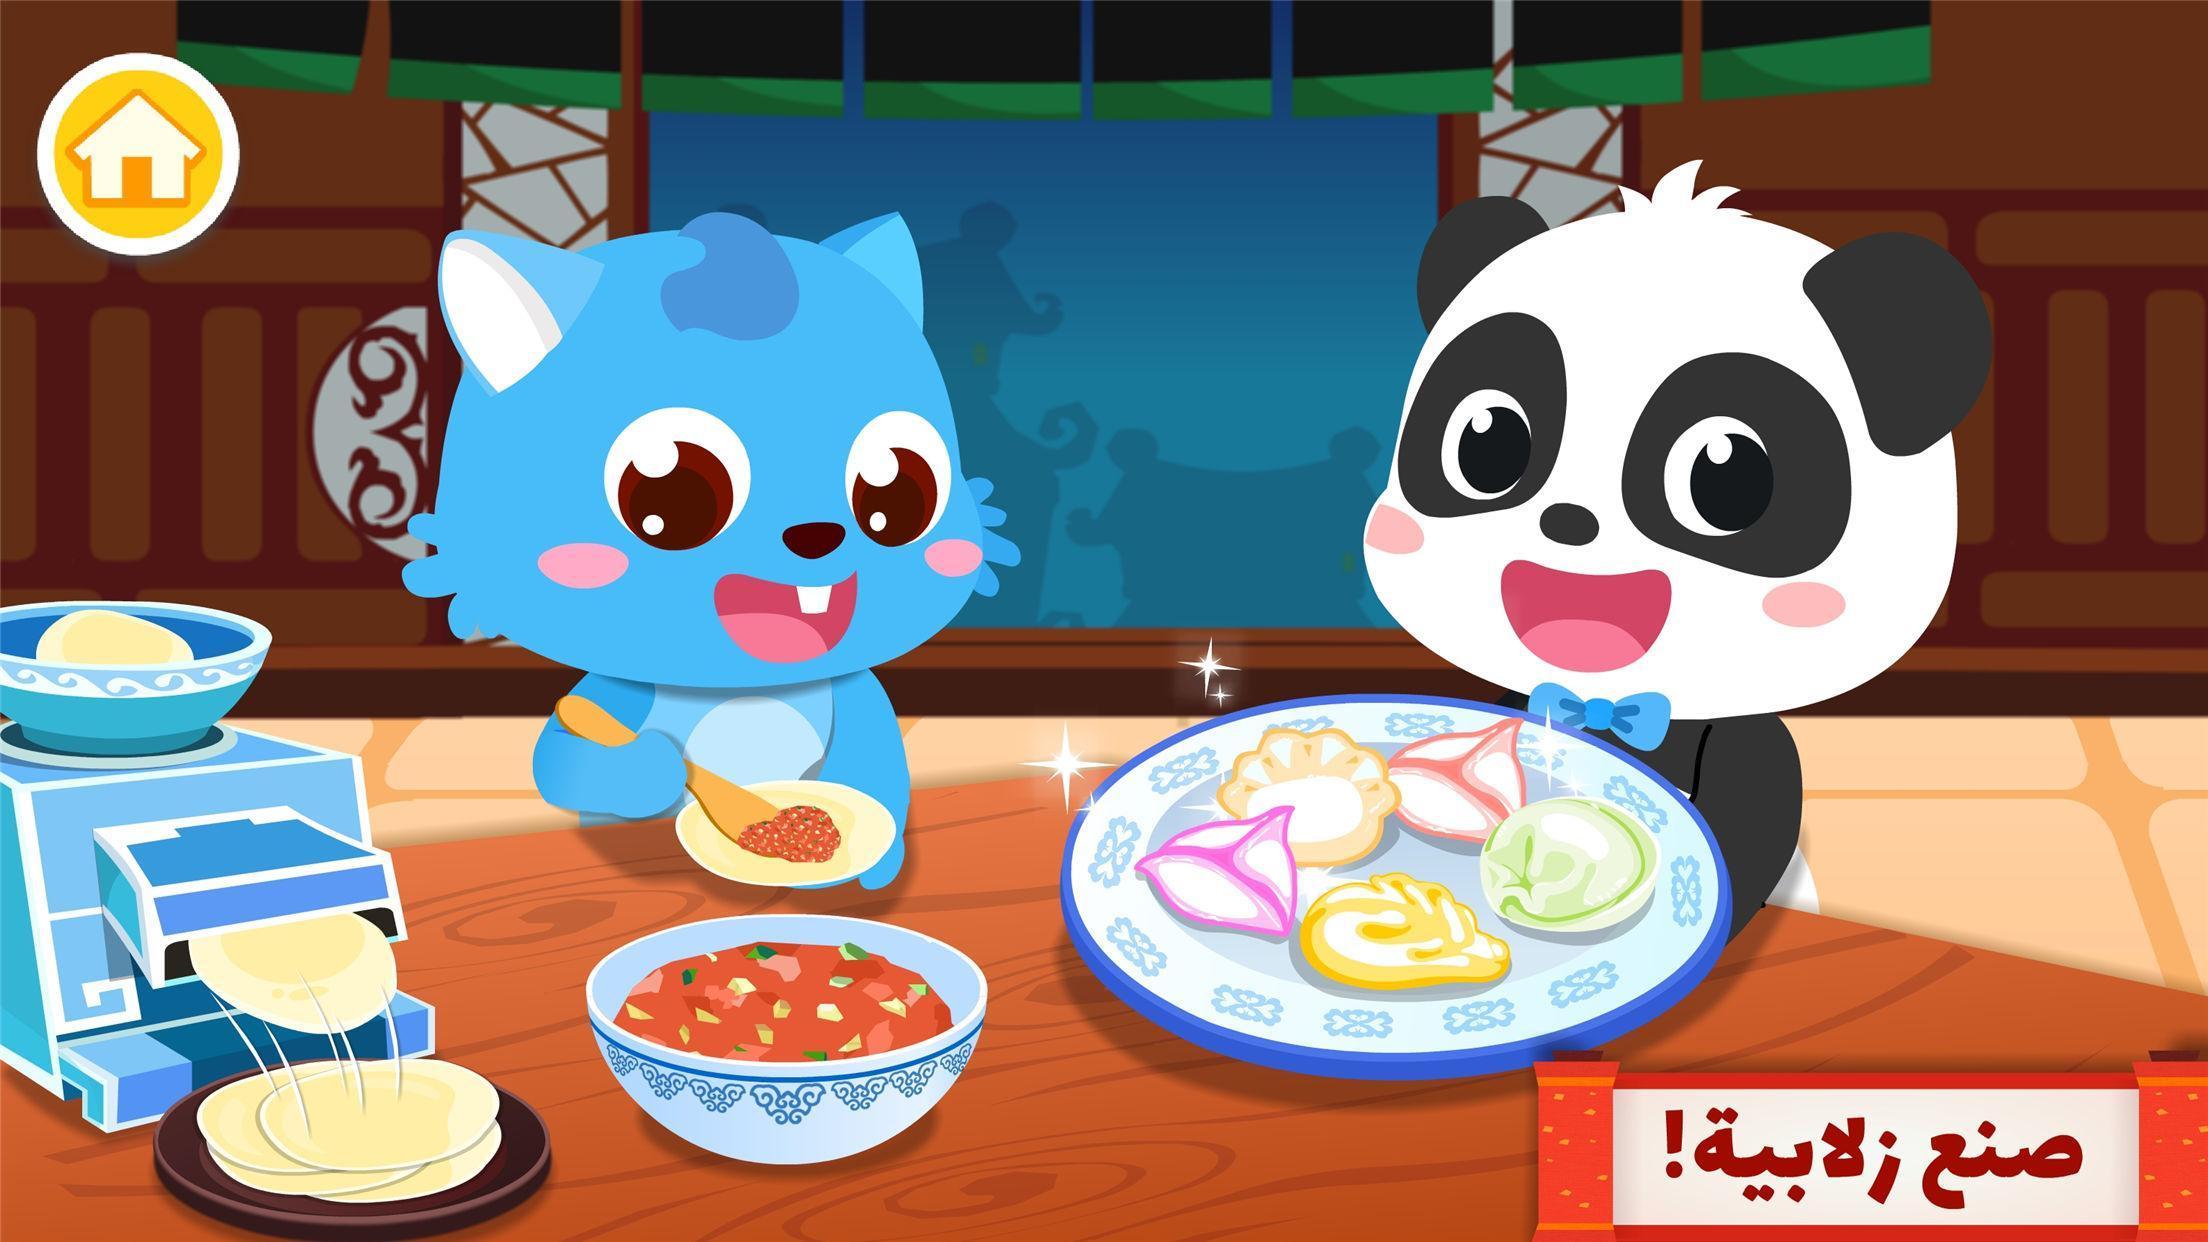 المطعم الصيني العاب طبخ